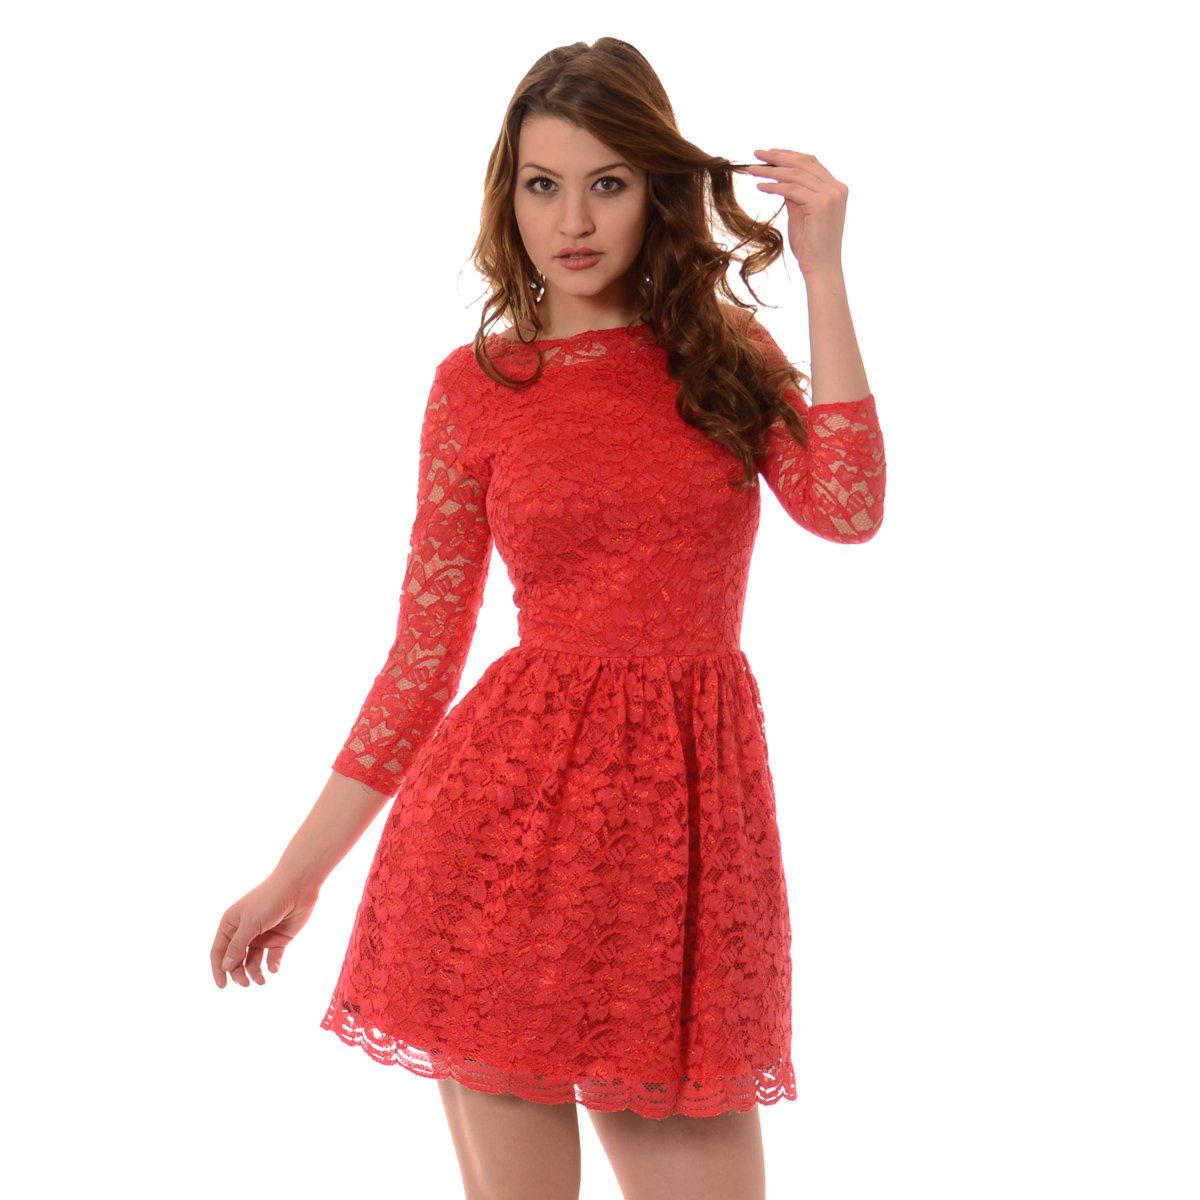 a5ac5004 Rozkloszowana Sukienka Koronkowa Norbi Czerwona Czerwony - Brendi.pl